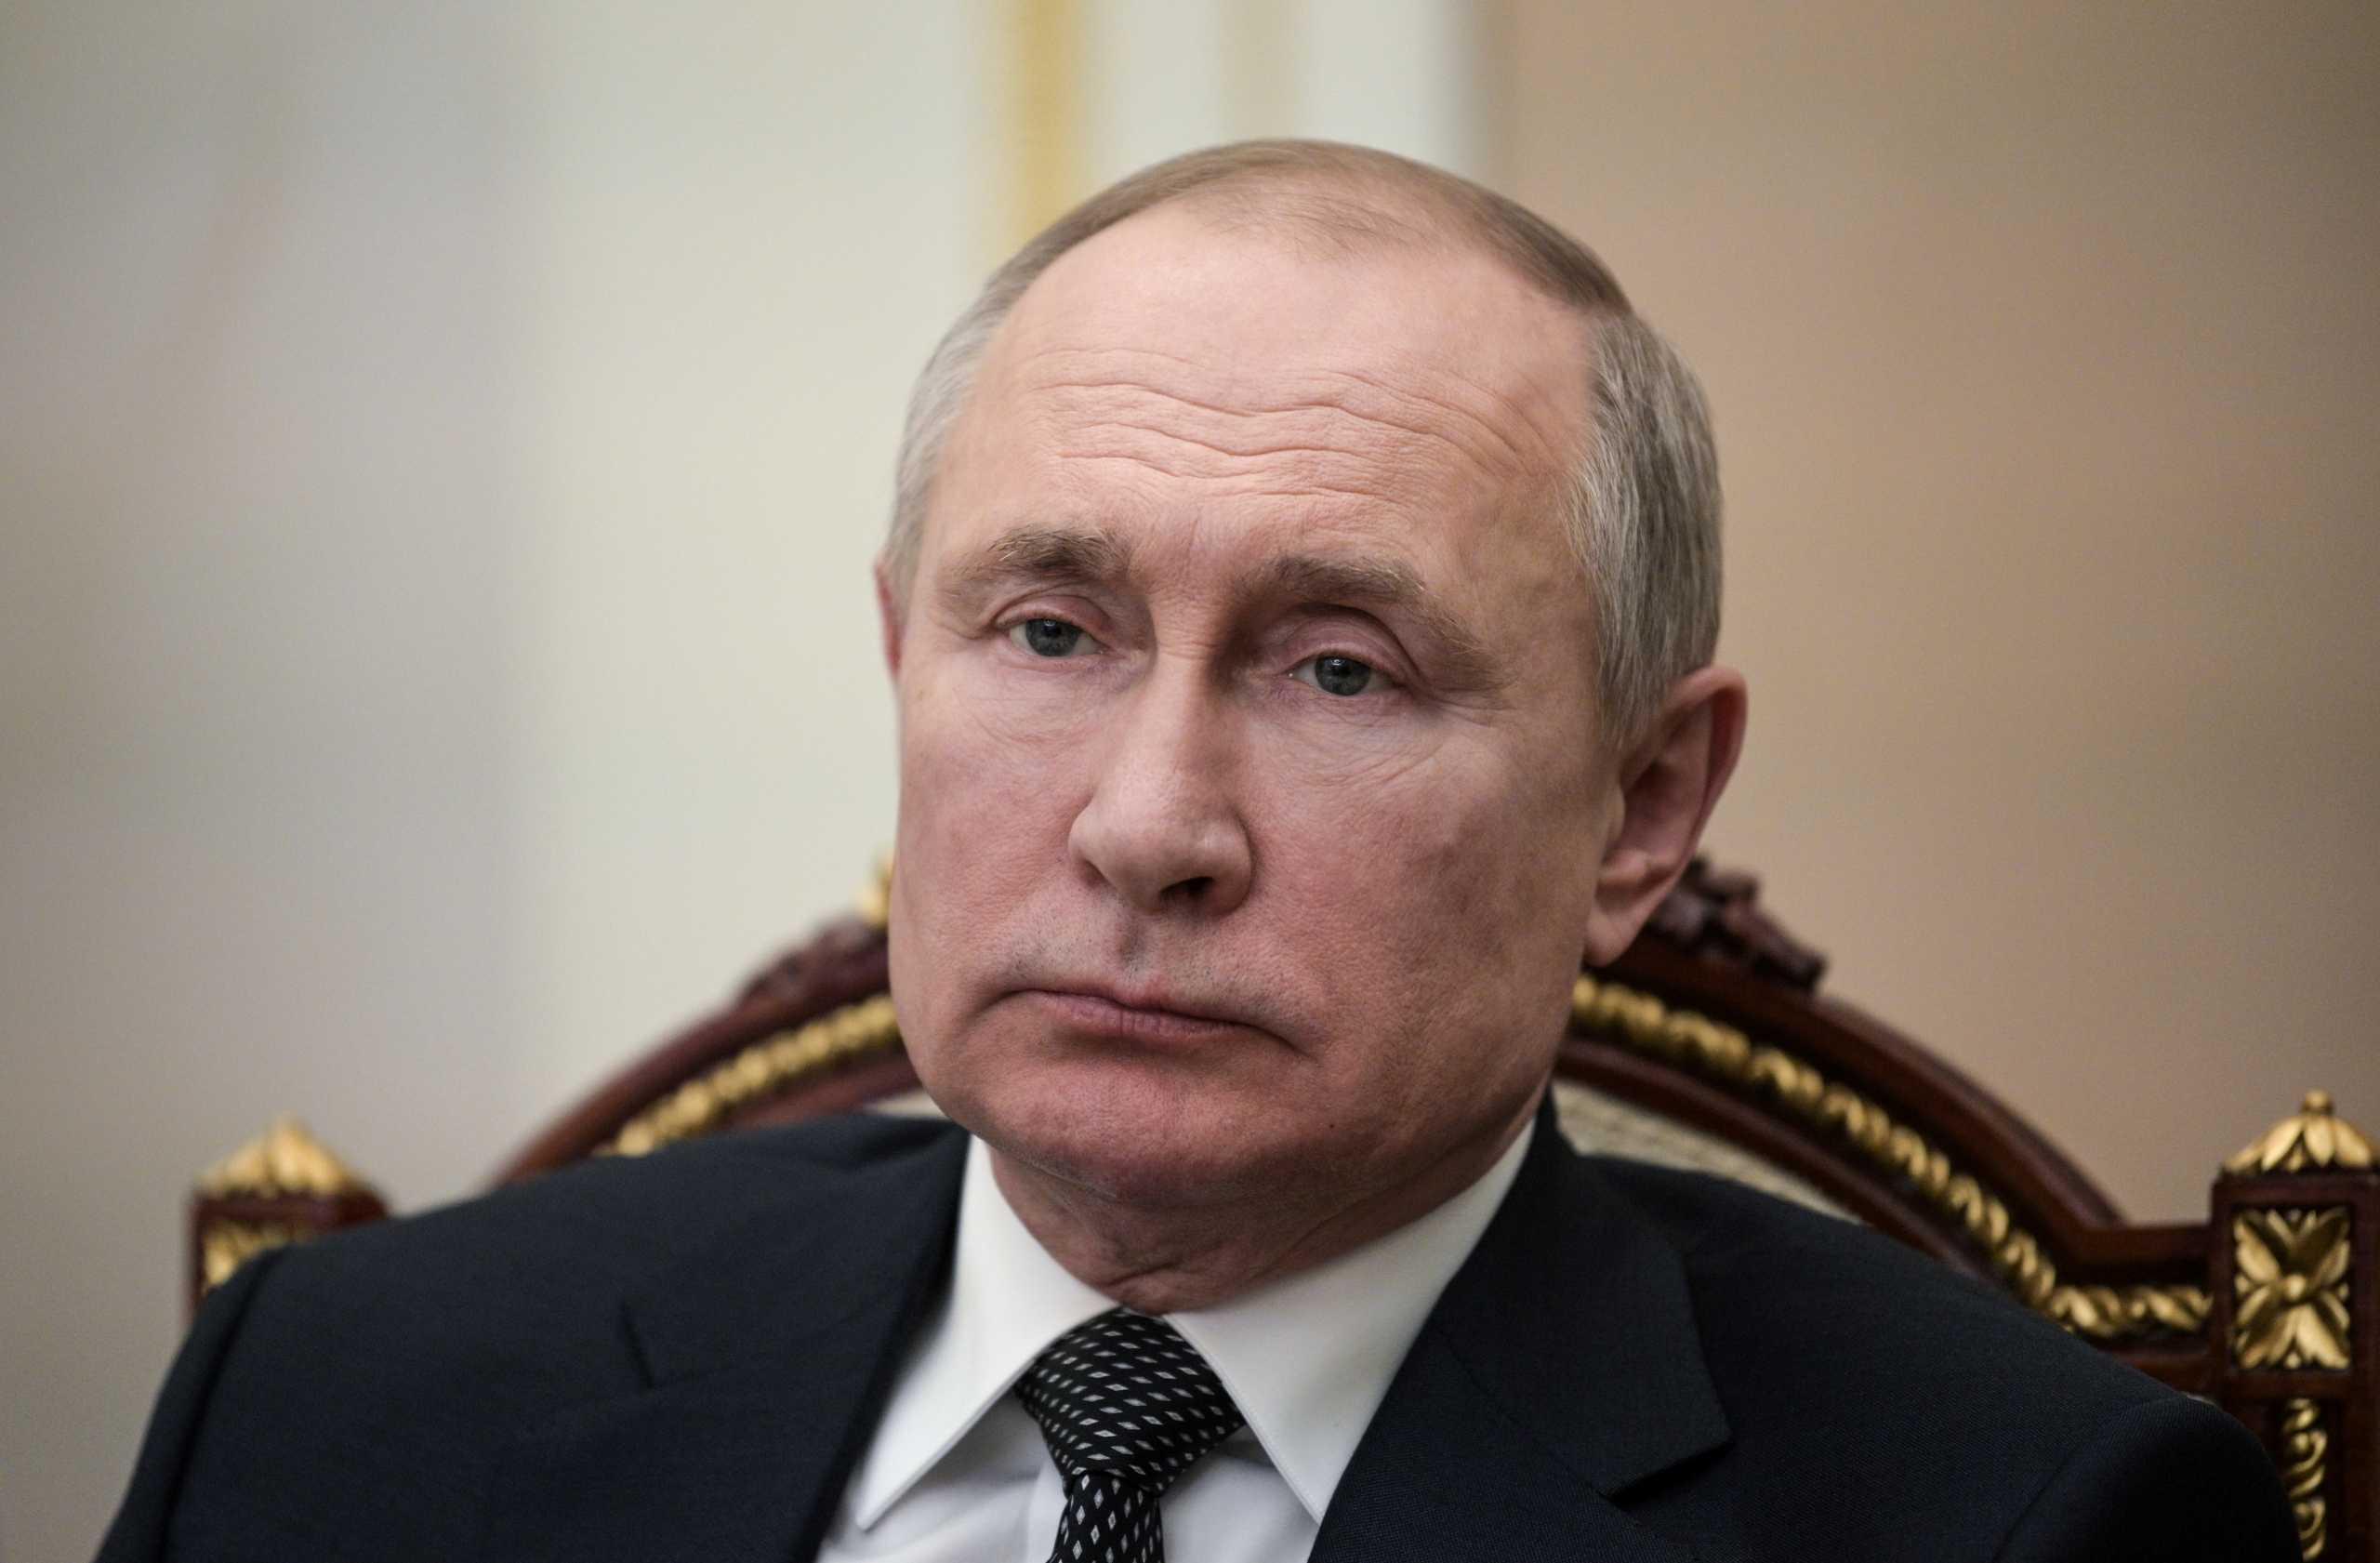 Συνέντευξη Πούτιν στο NBC: Τι είπε για Μπάιντεν, Ναβάλνι και για την διαδοχή του